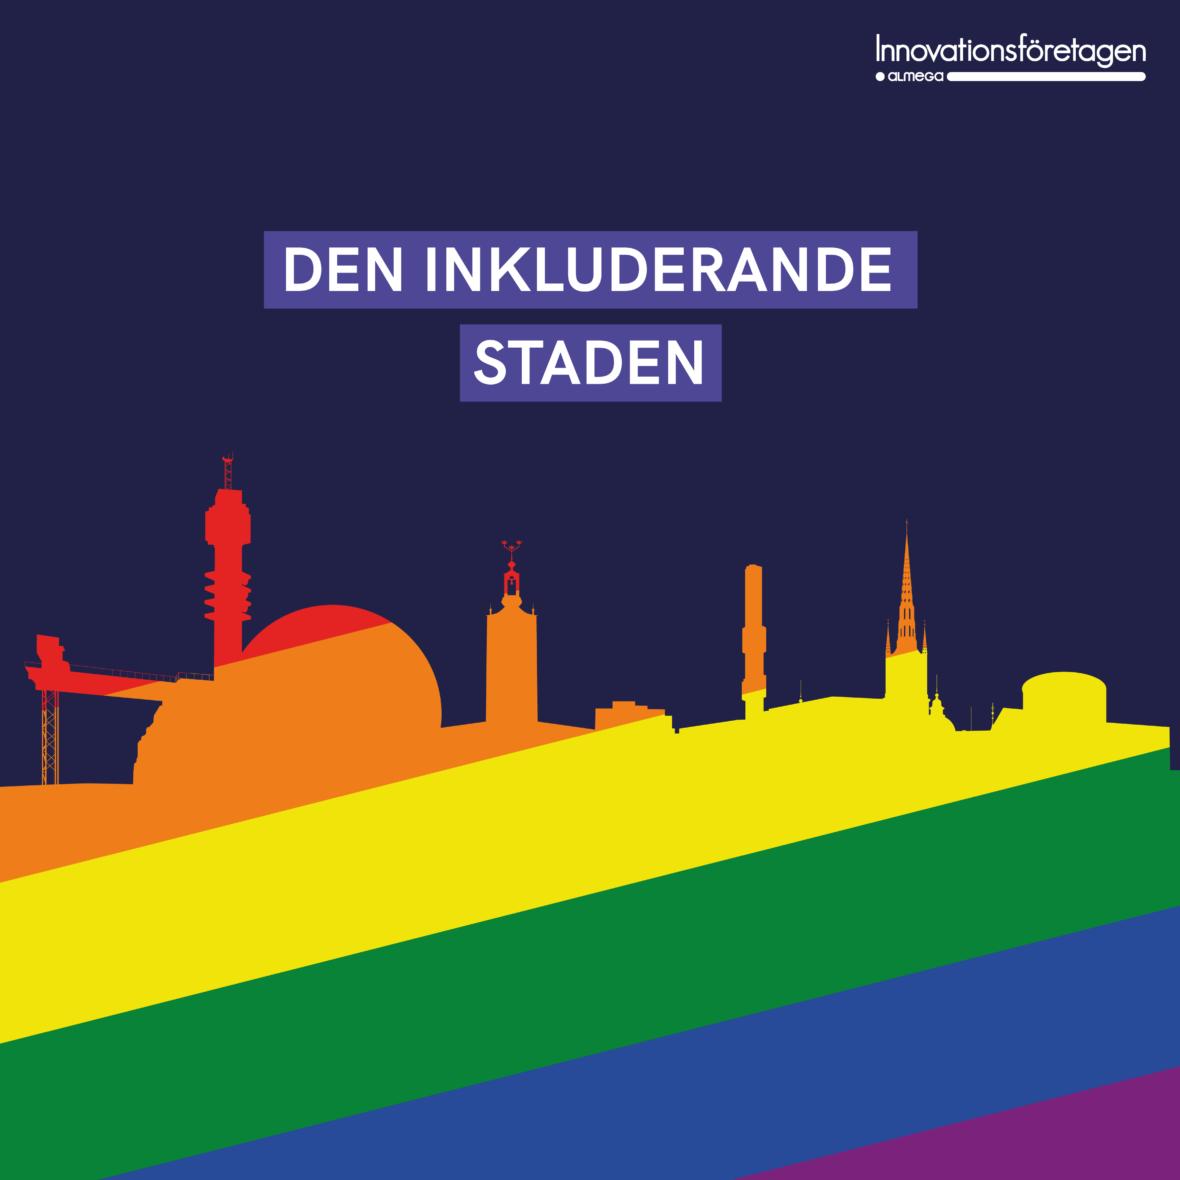 Innovationsföretagen på Pride. Den inkluderande staden.